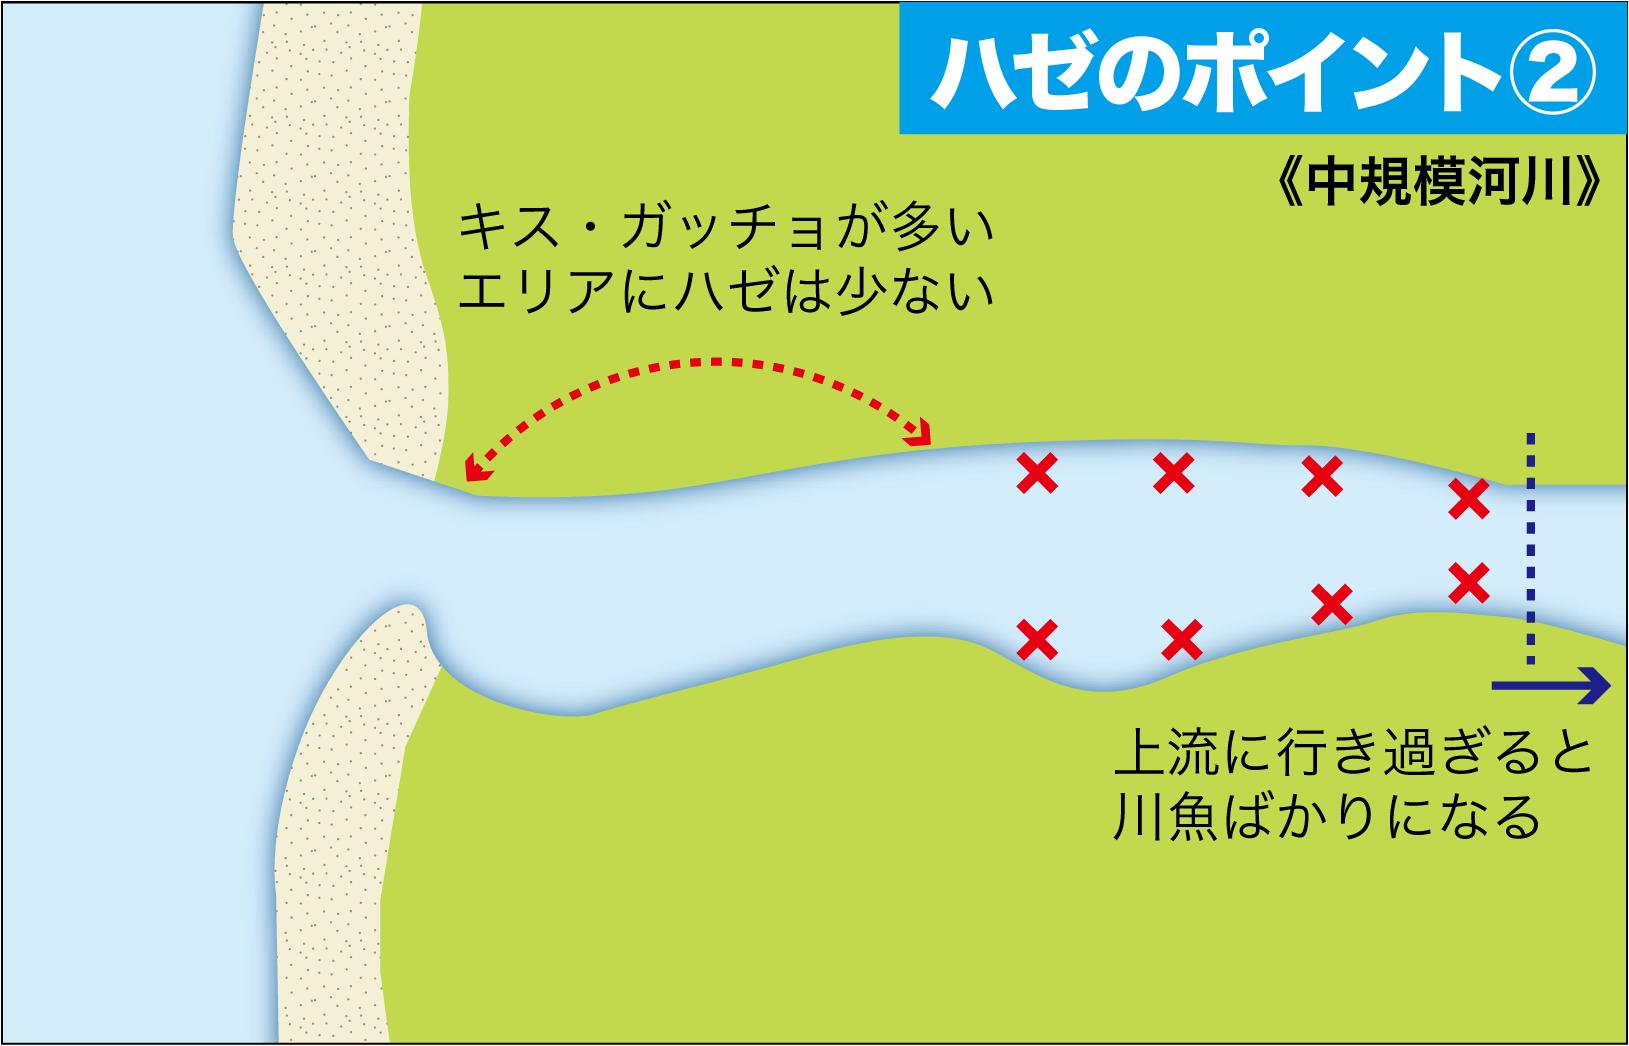 ハゼの釣り方14